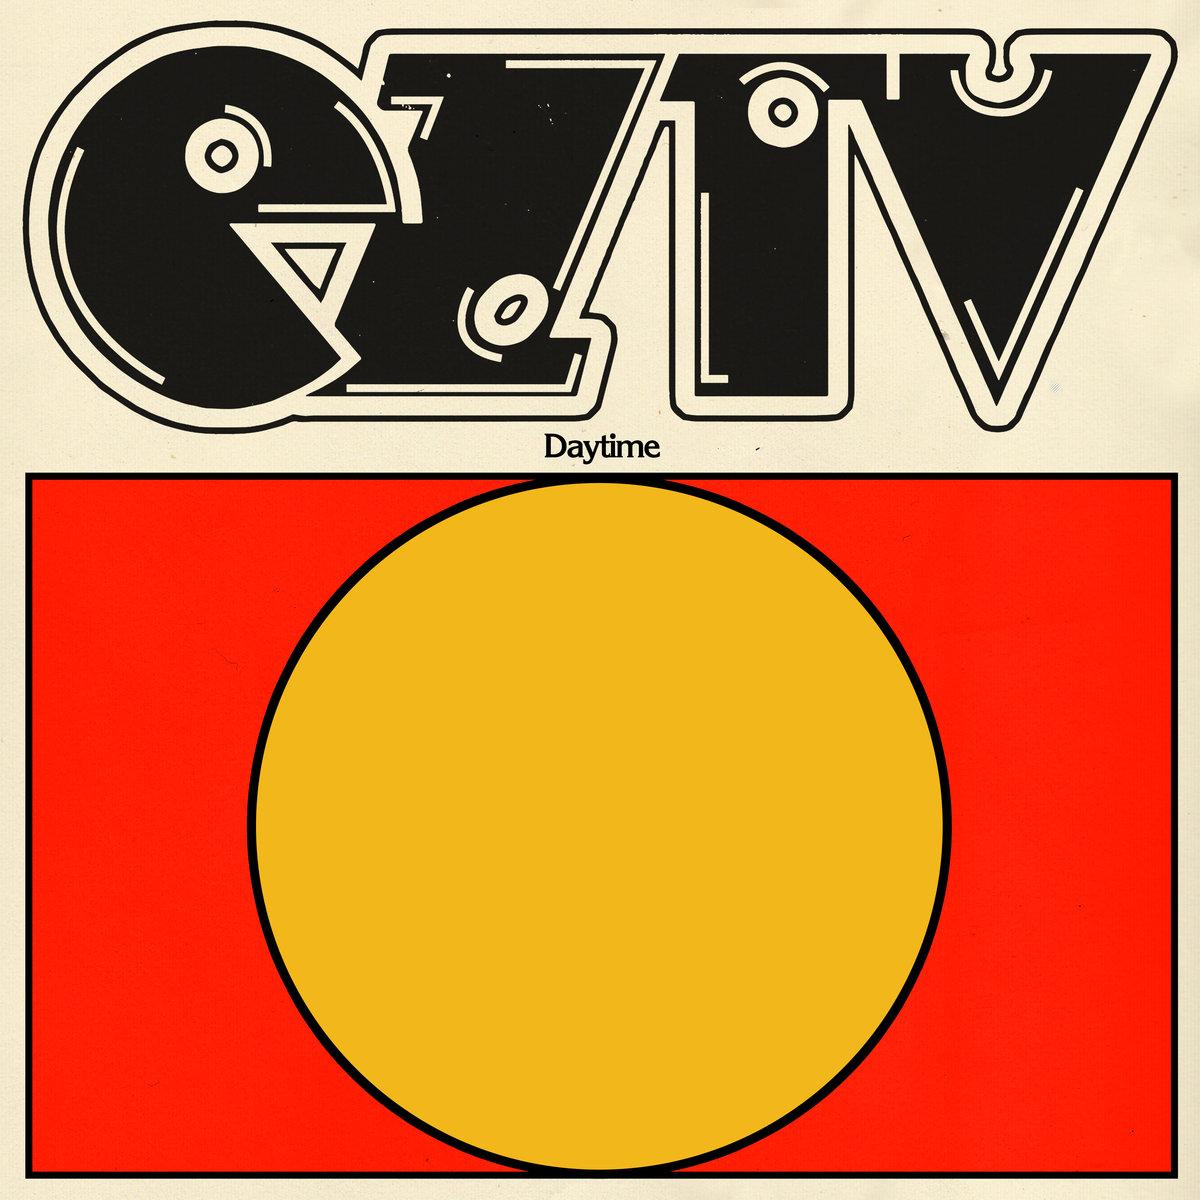 Copy of EZTV - Daytime